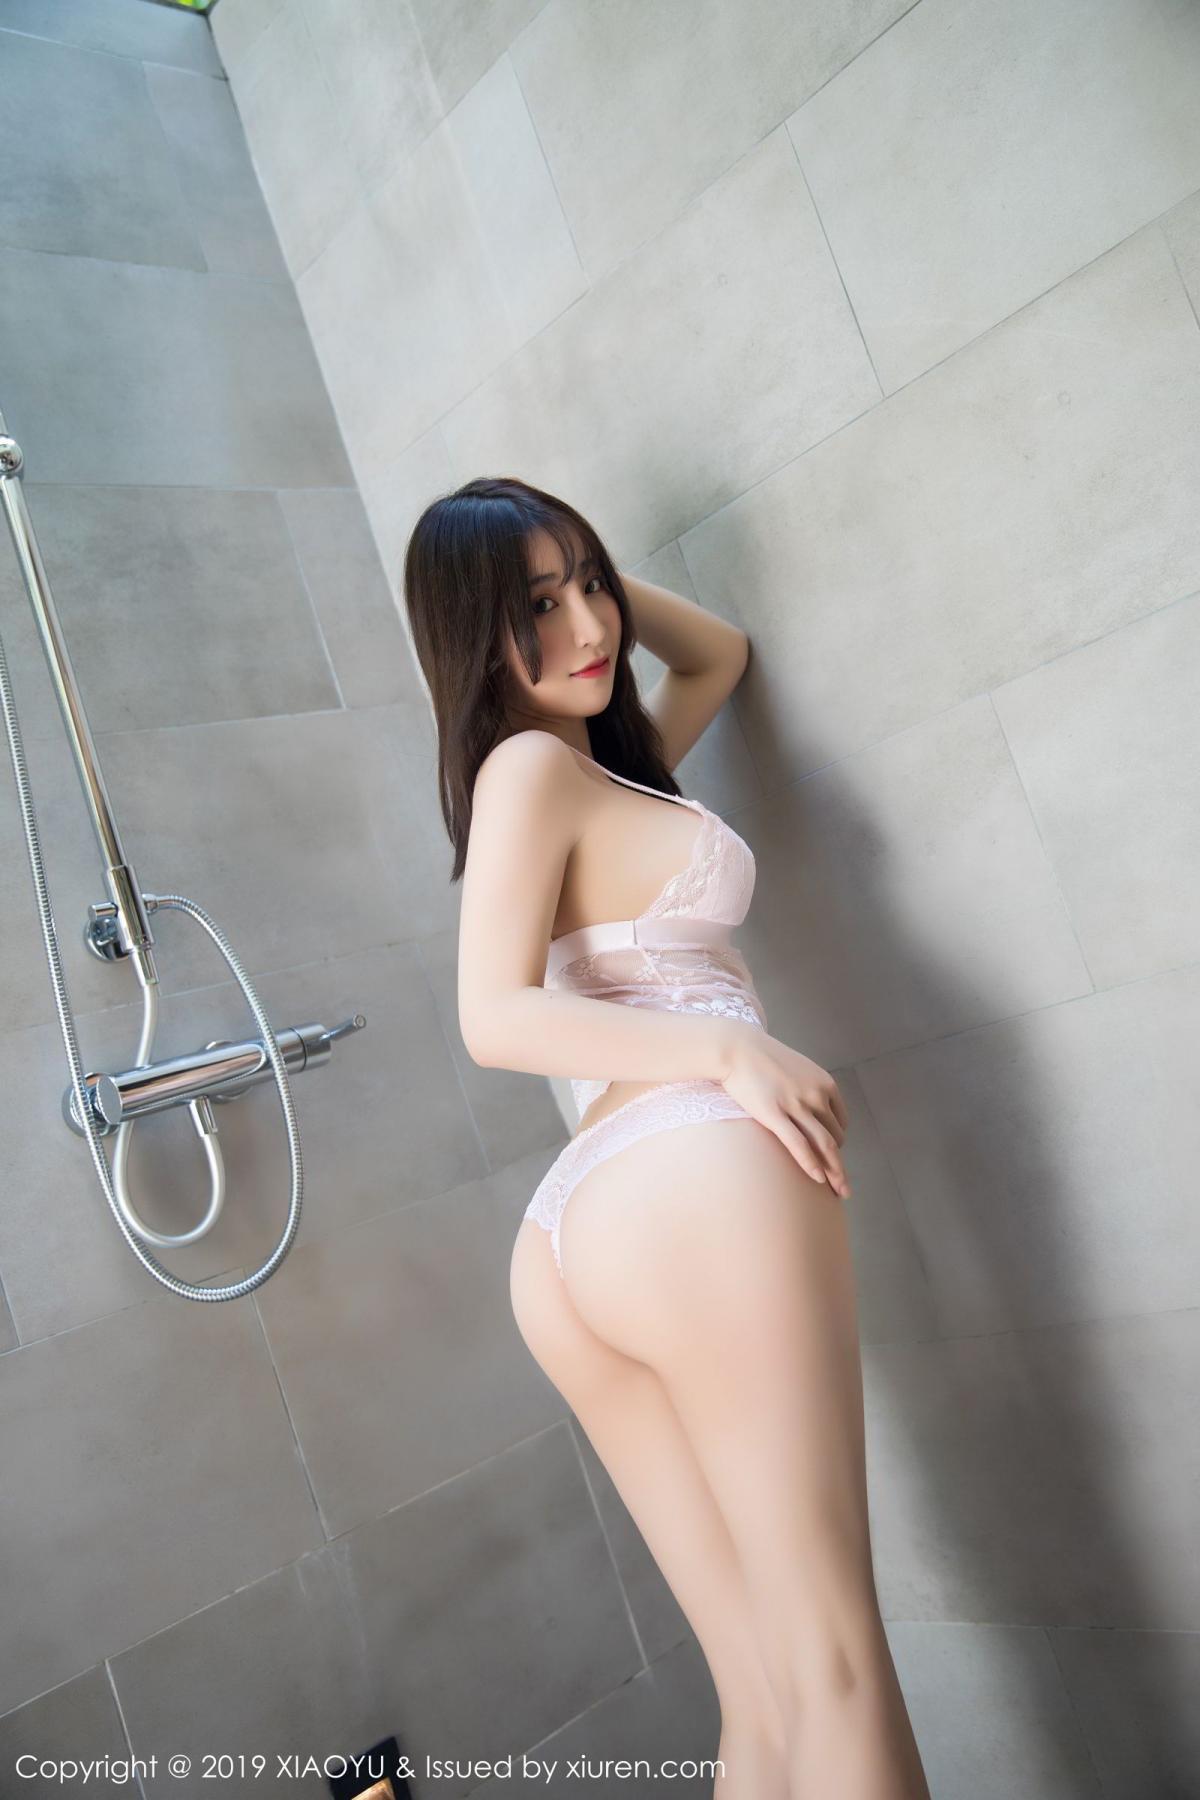 [XiaoYu] Vol.147 Xie Zhi Xin 54P, Bathroom, Big Booty, Wet, XiaoYu, Xie Zhi Xin